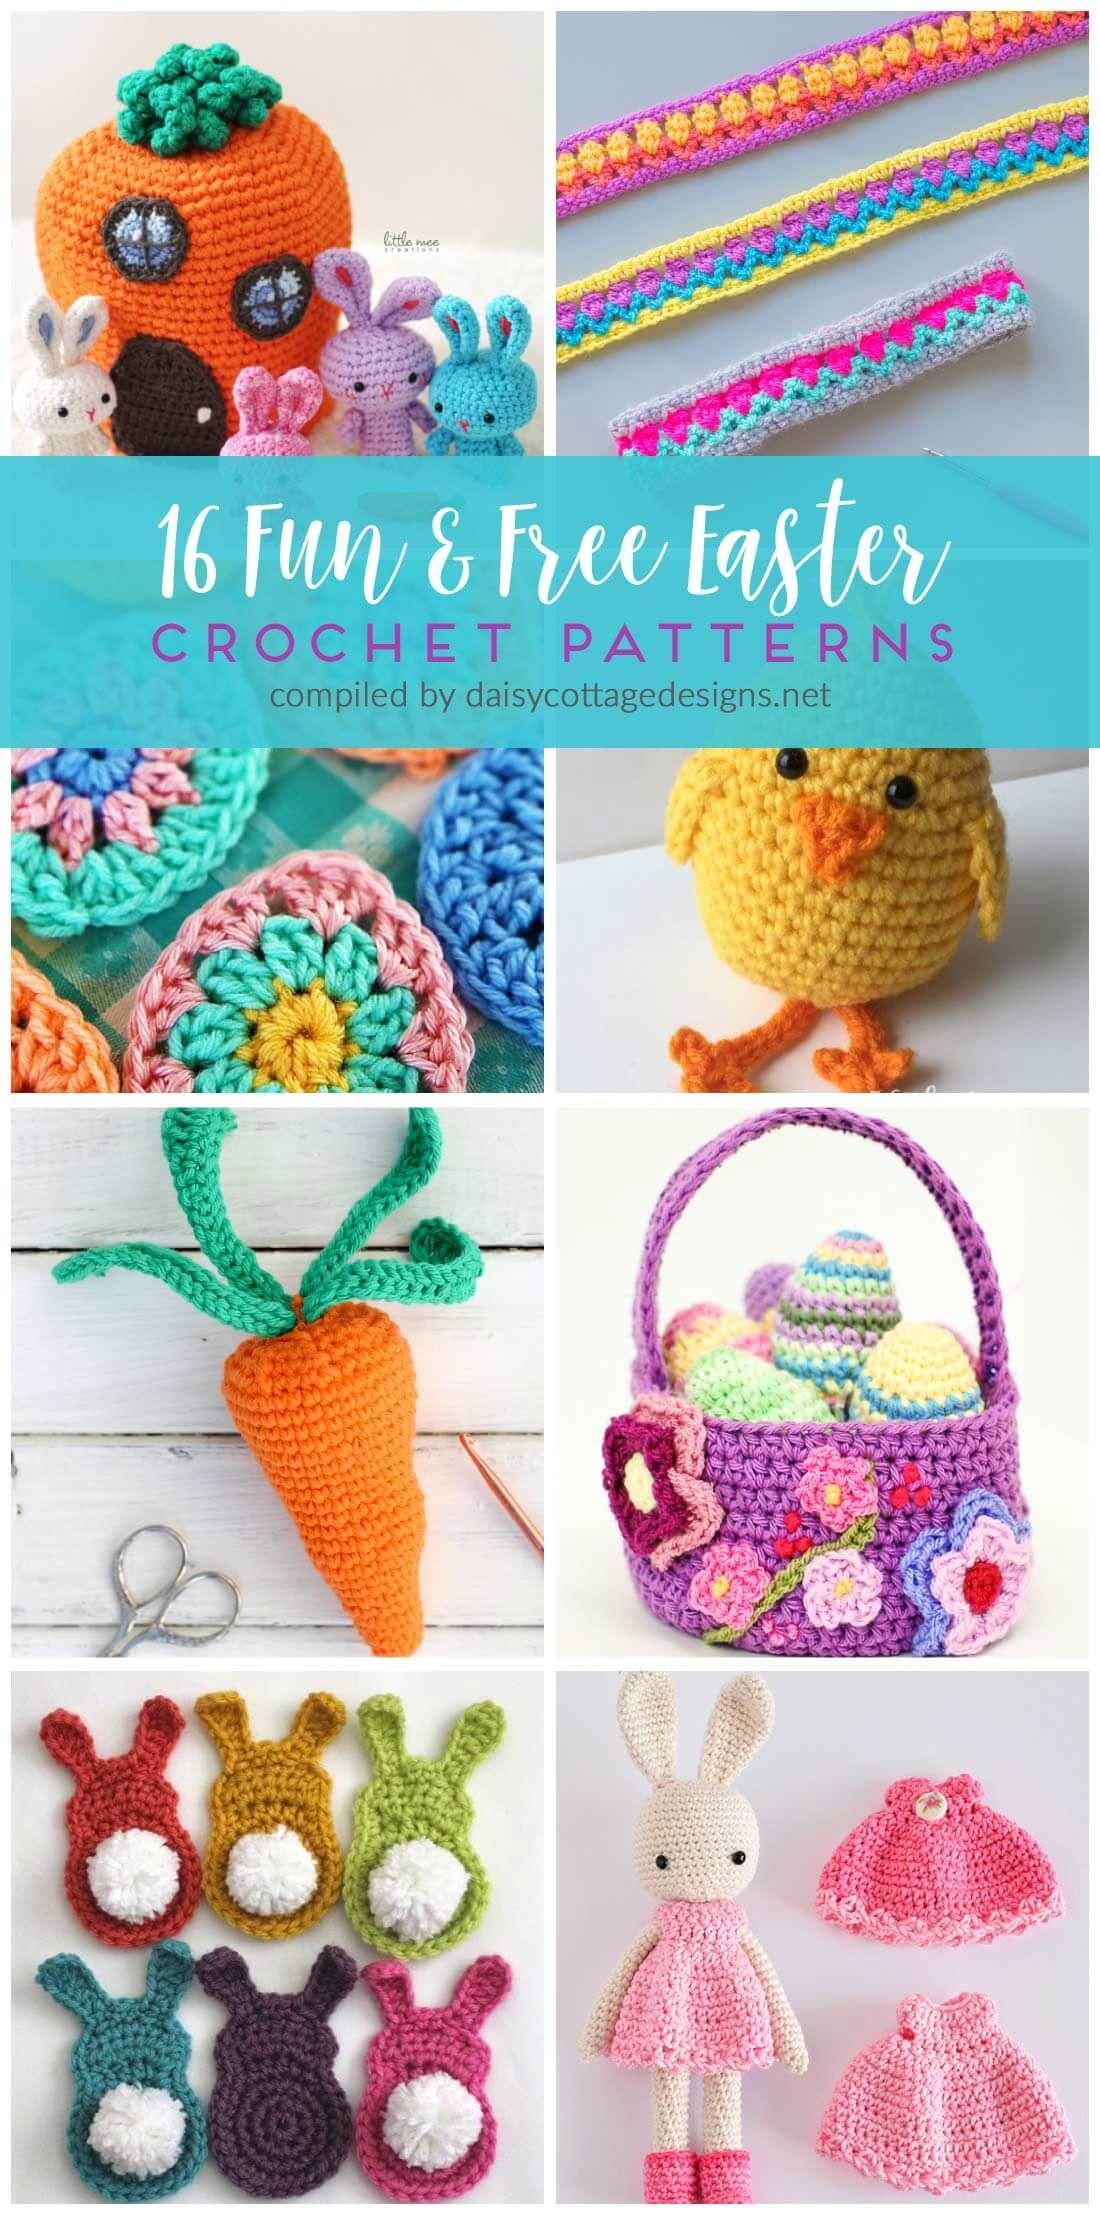 16 Free Crochet Patterns for Easter | Patrones amigurumi, Regalos de ...